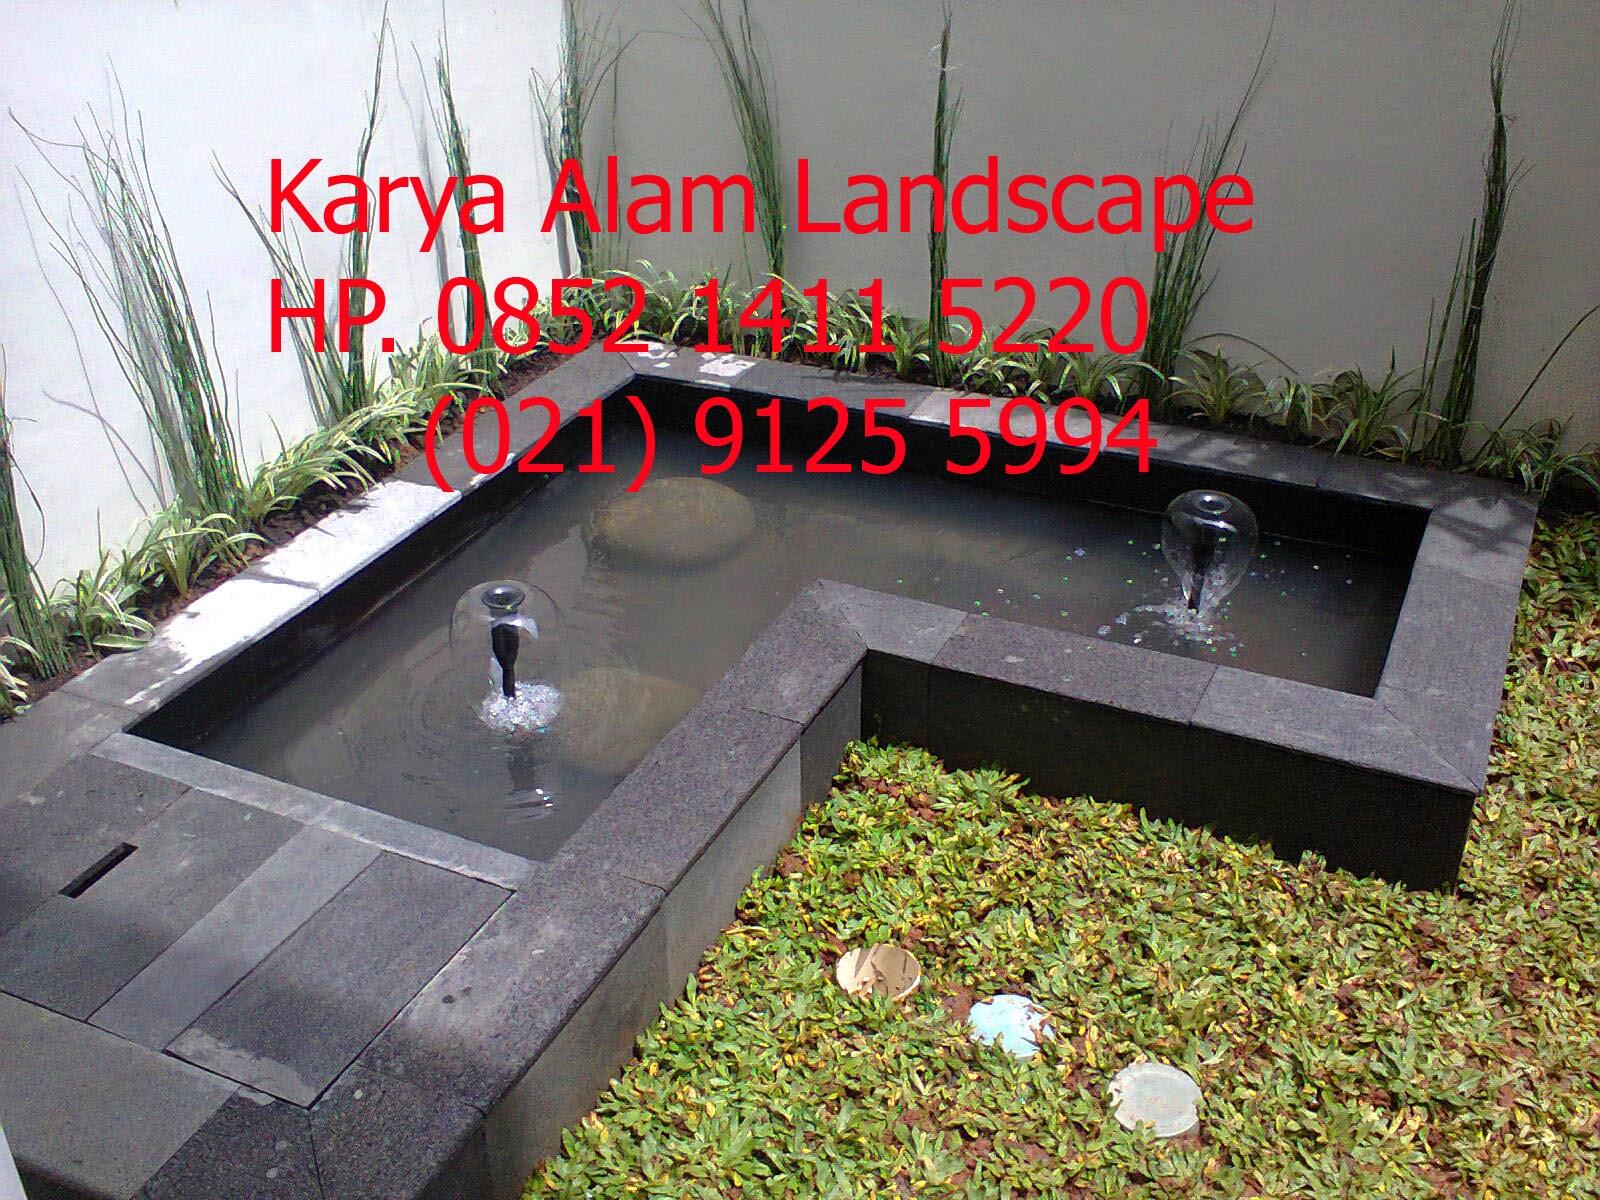 http://tukangtamankaryaalam.blogspot.com/2014/03/tukang-kolam-minimalis-kolam-relief.html